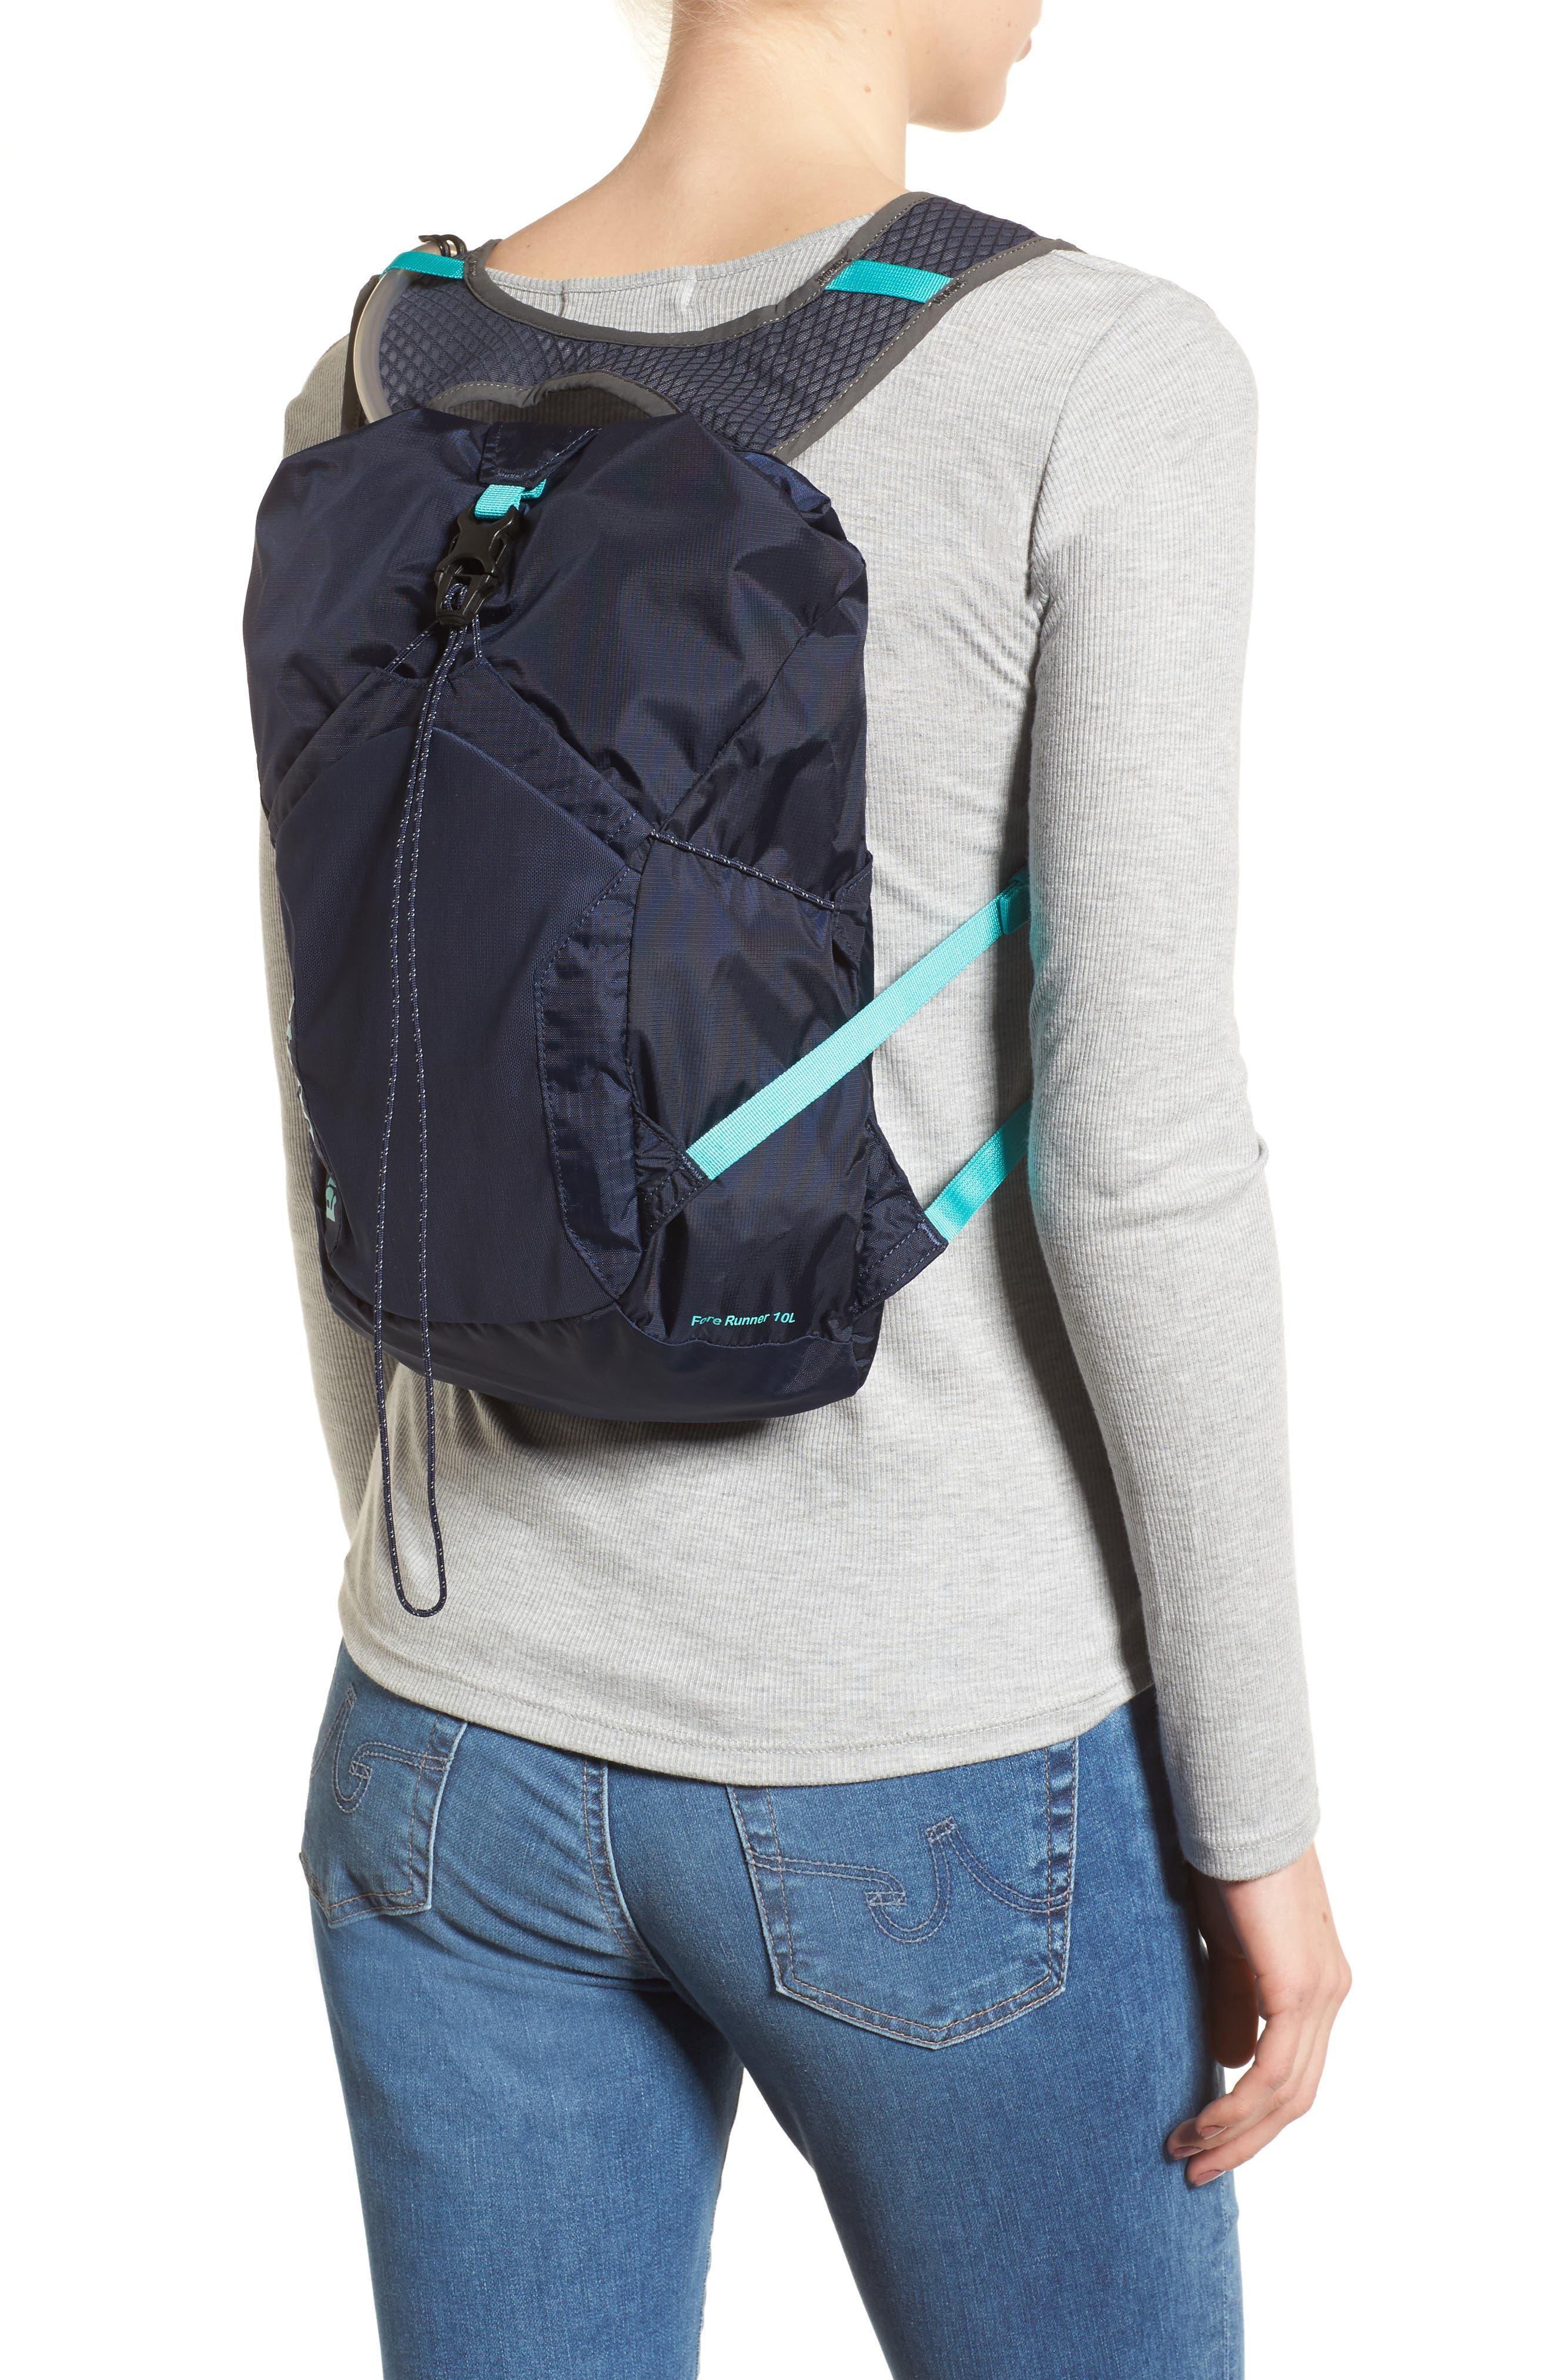 Fore Runner Vest 10L,                             Alternate thumbnail 2, color,                             Navy Blue W/ Strait Blue